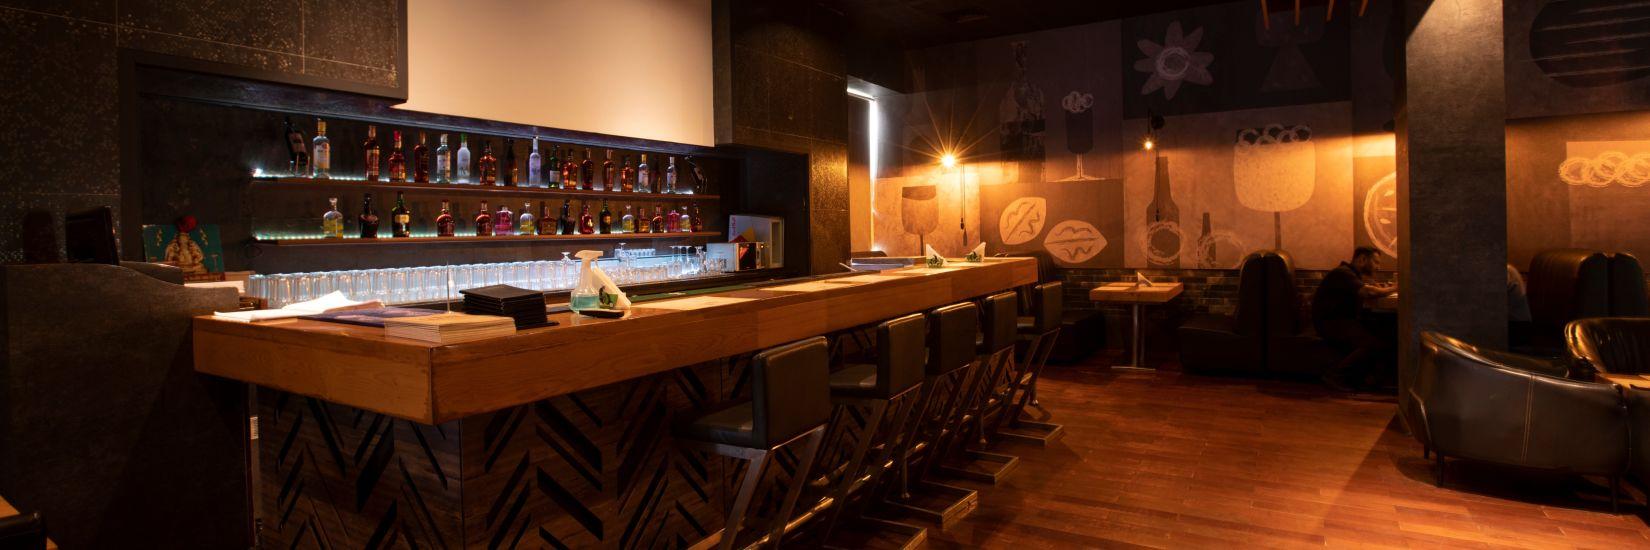 The Cedar House Lounge Bar 11